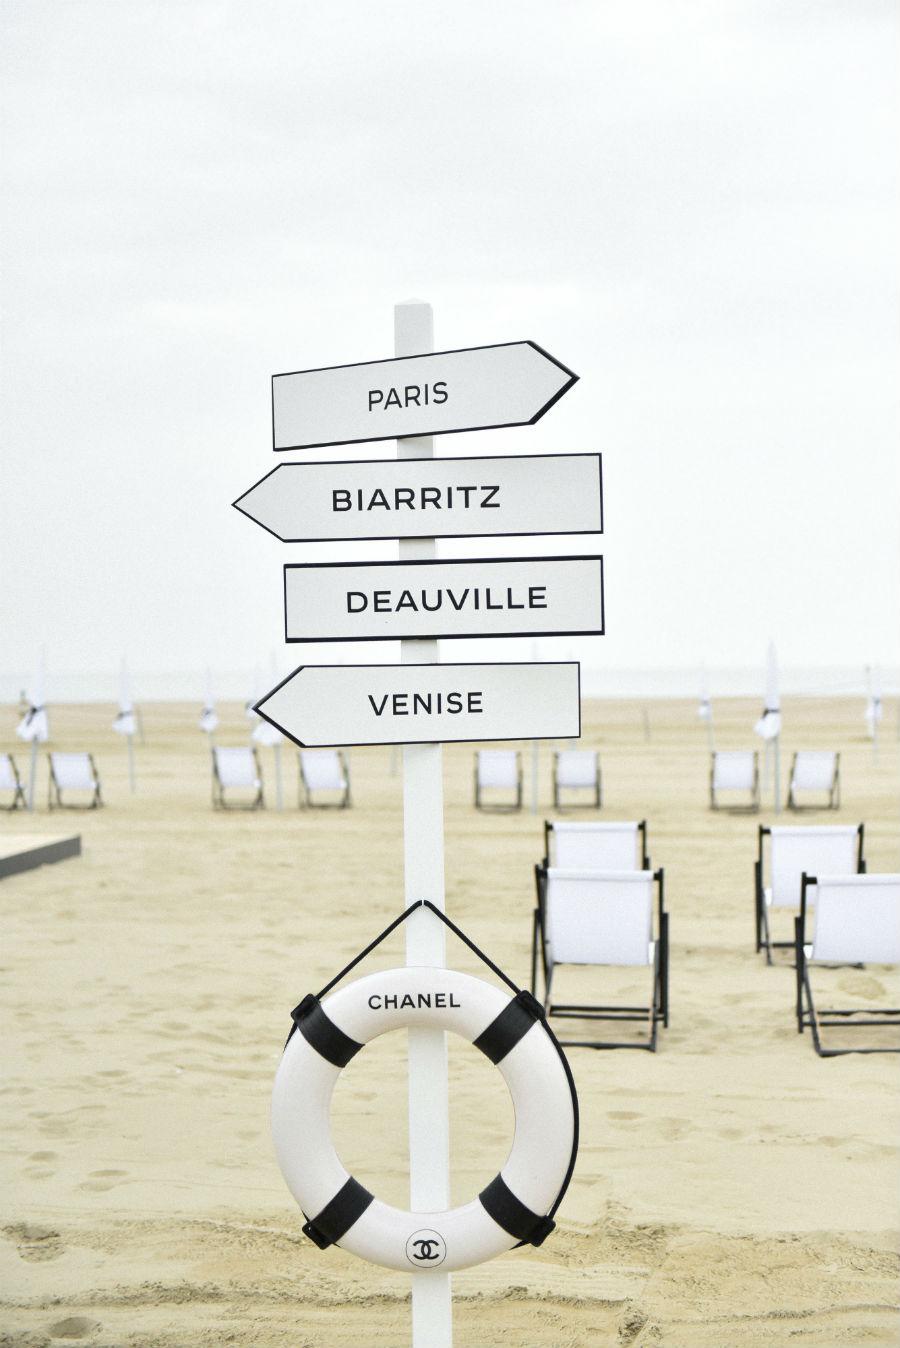 Profumi Chanel - collezione Eaux de Chanel: un cartello sulla spiaggia che indica le 4 destinazioni Paris, Biarritz, Deauville e Venise